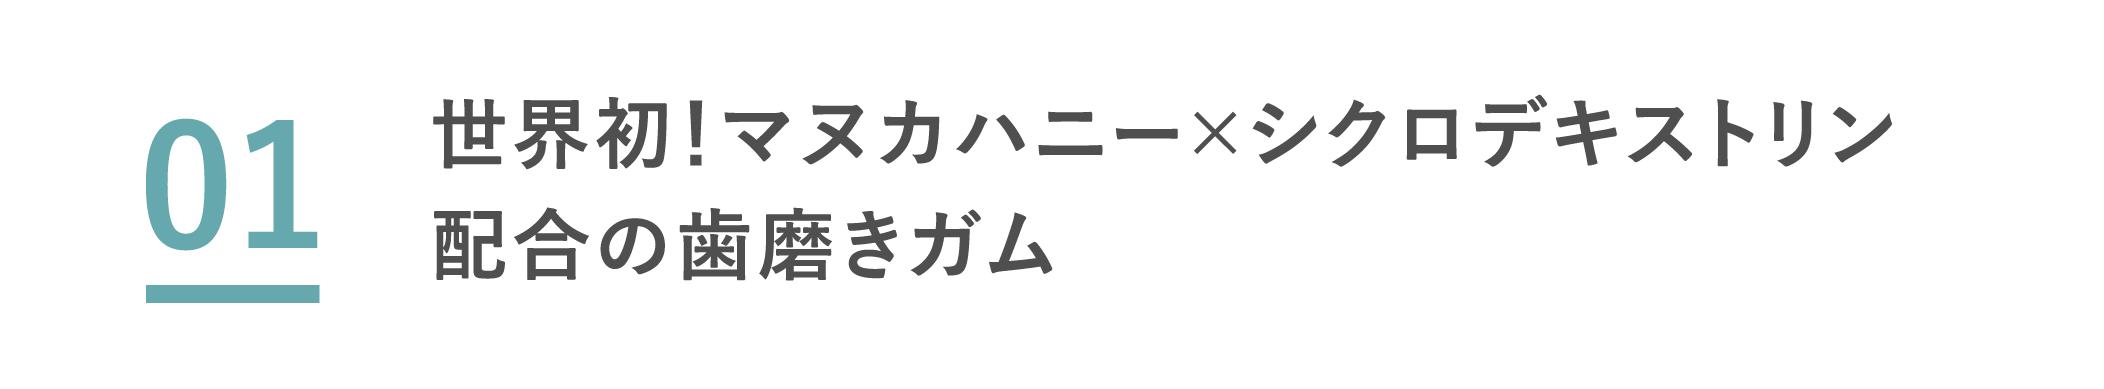 世界初!マヌカハニー、シクロデキストリン配合の歯磨きガム